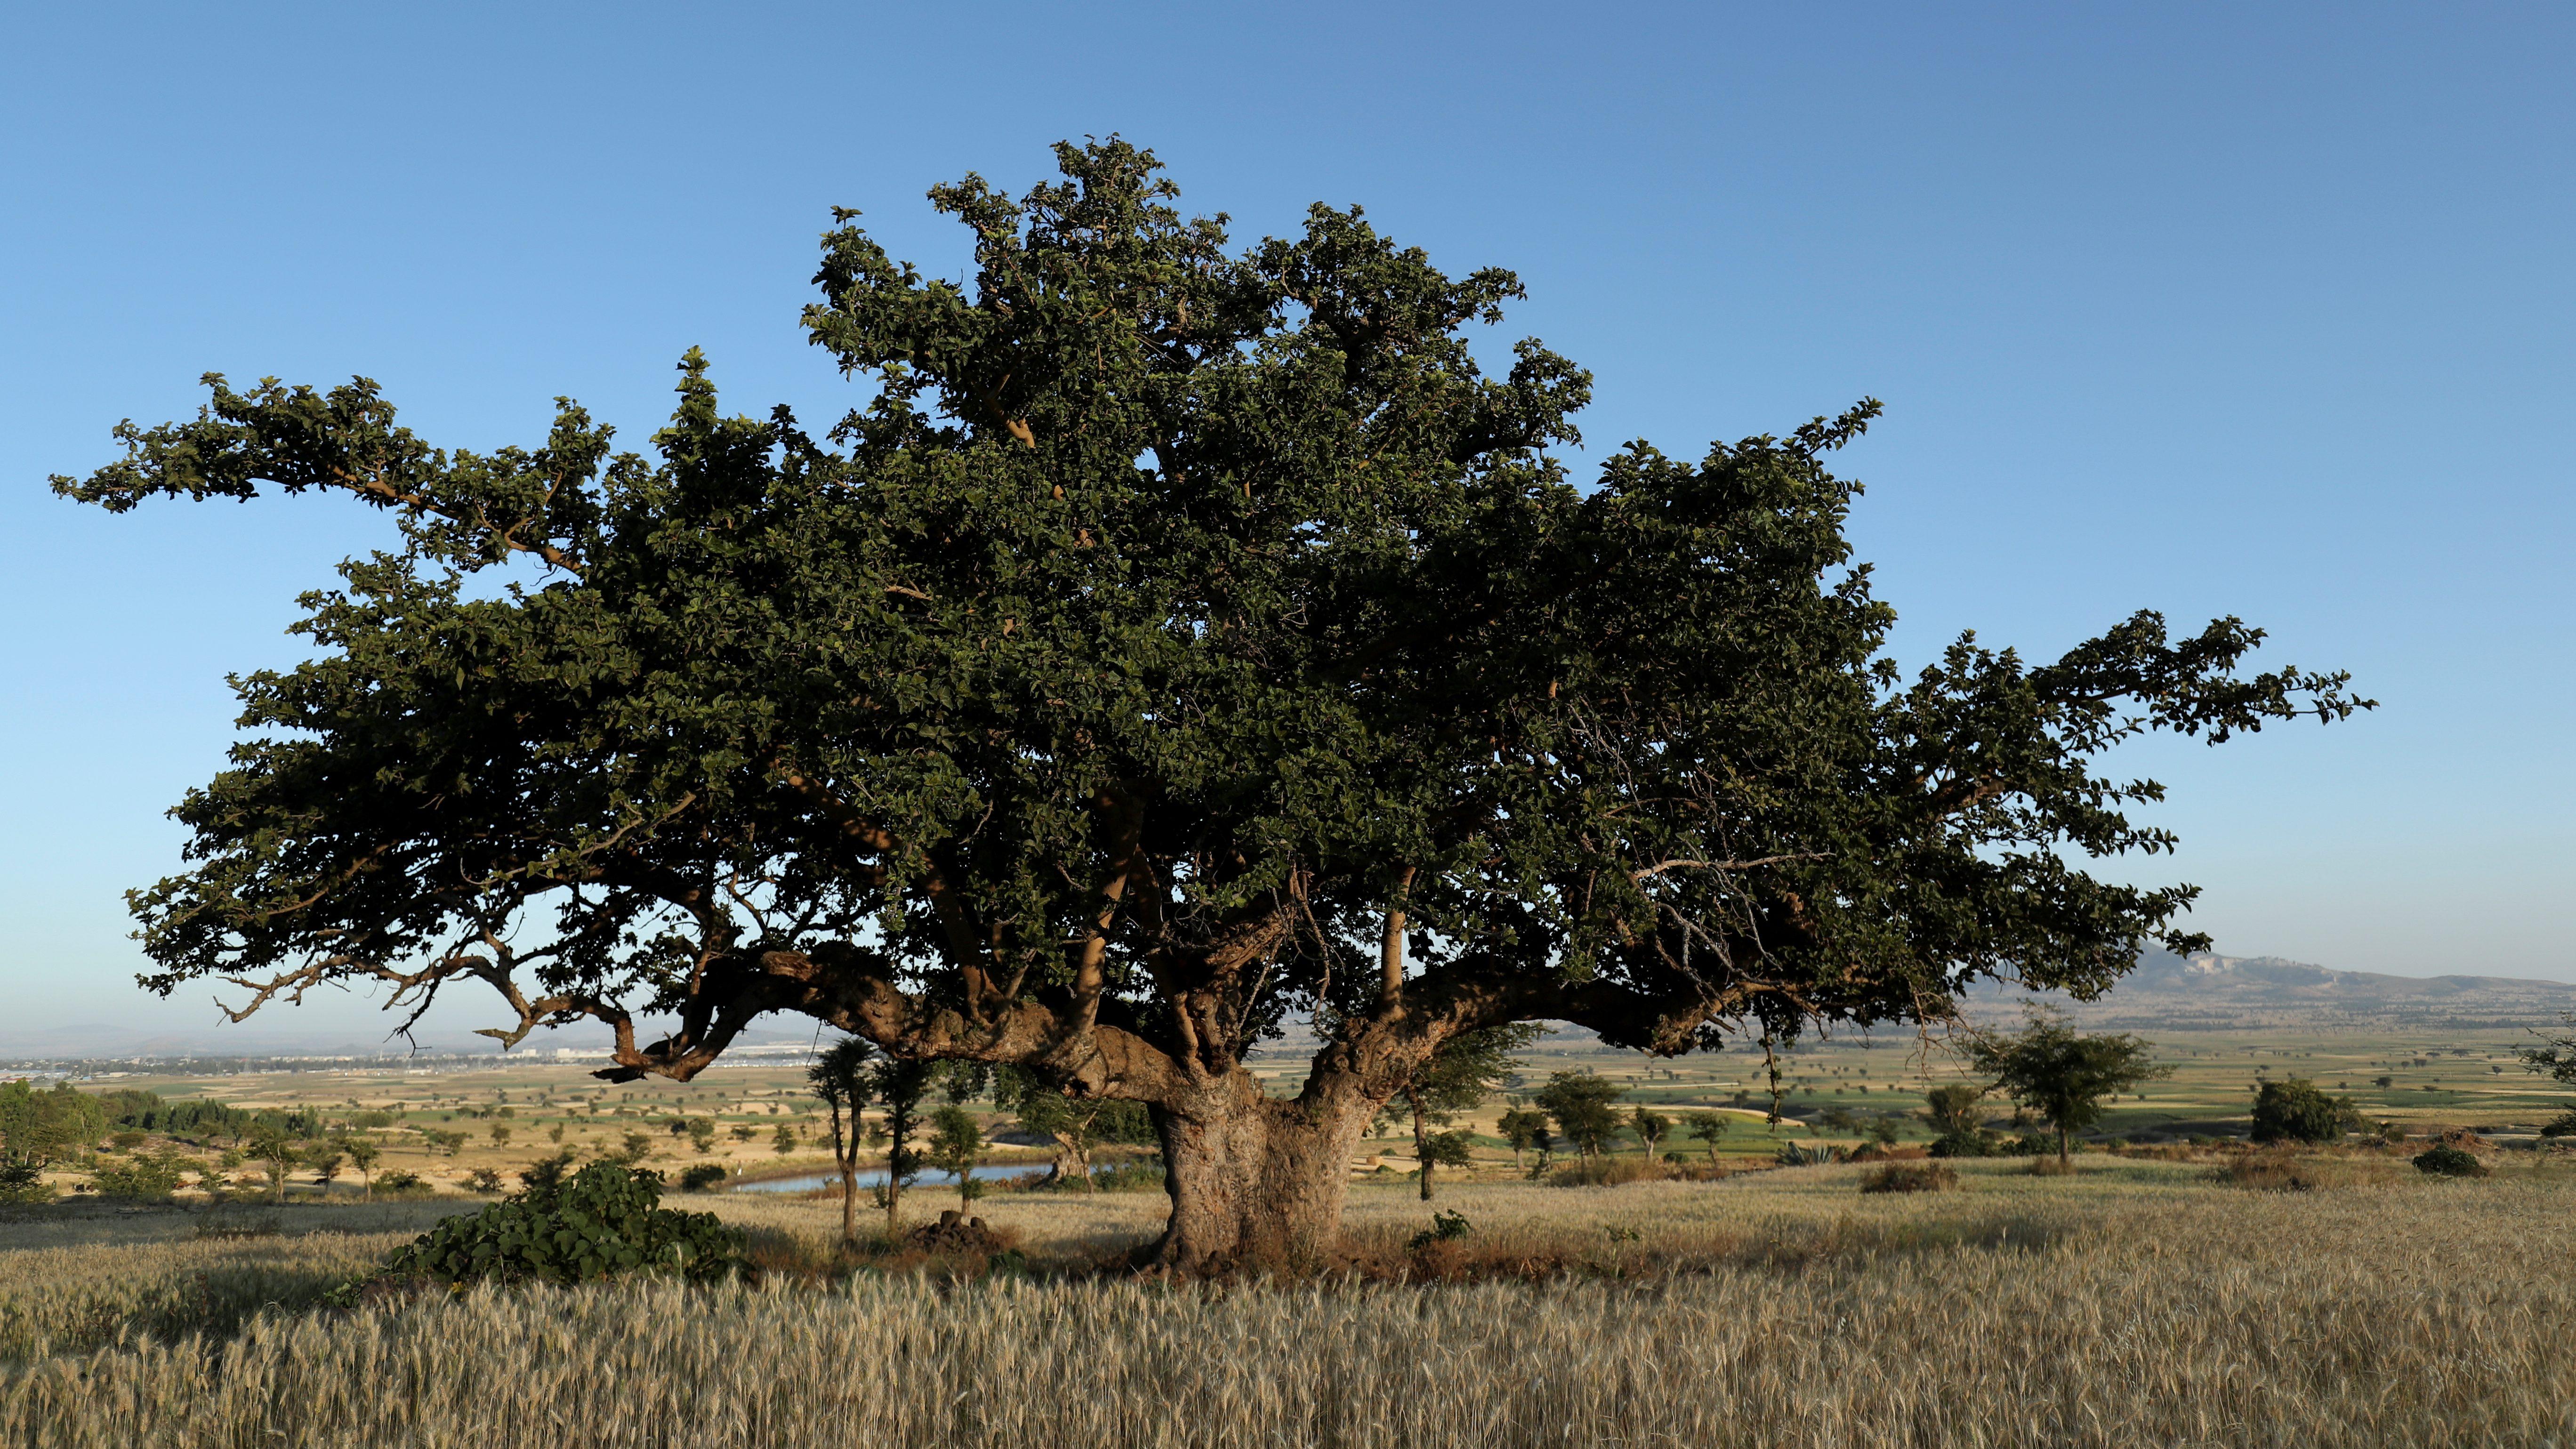 An Odaa tree in the town of Dukem, Oromia region, Ethiopia